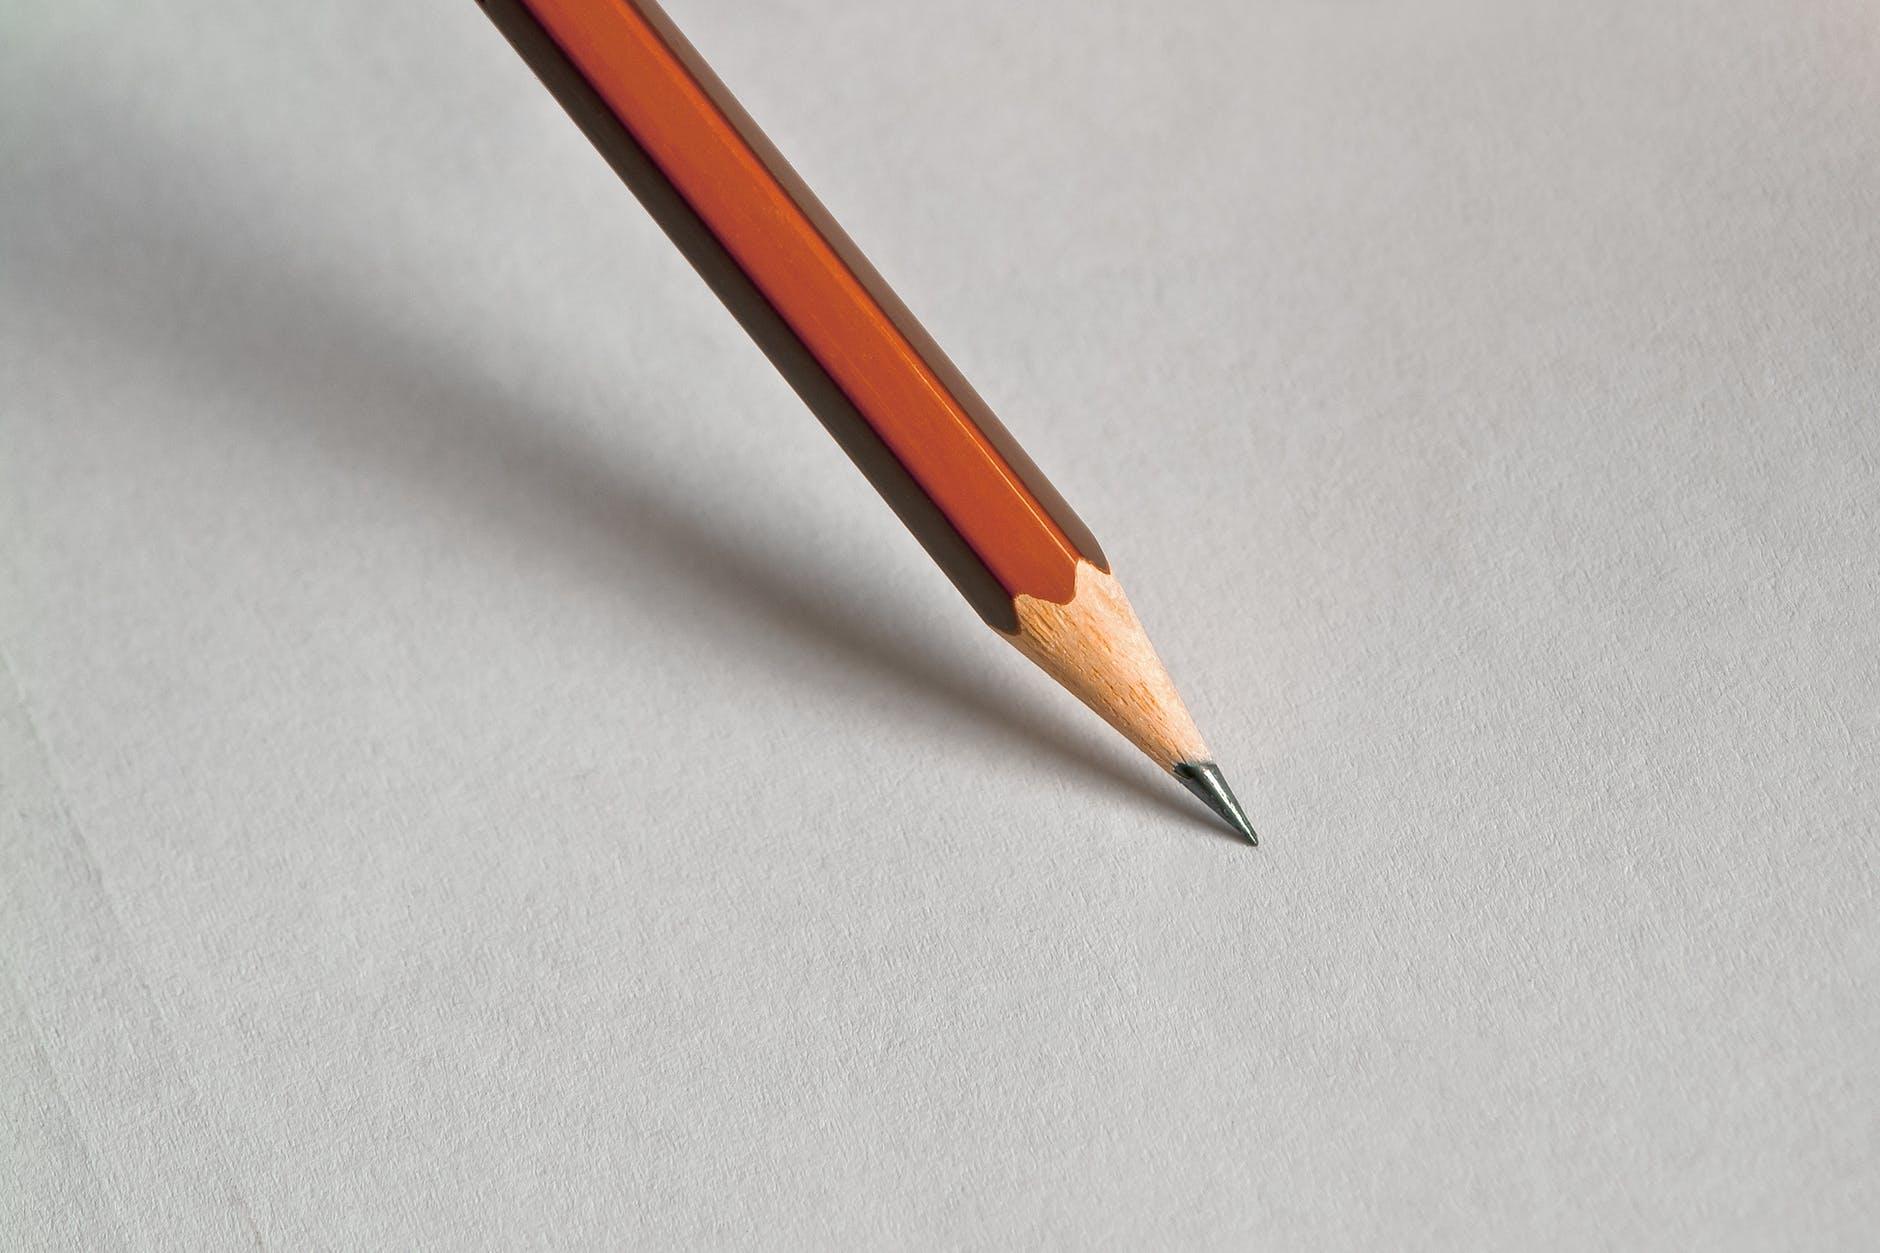 pencil-office-design-creative-159752